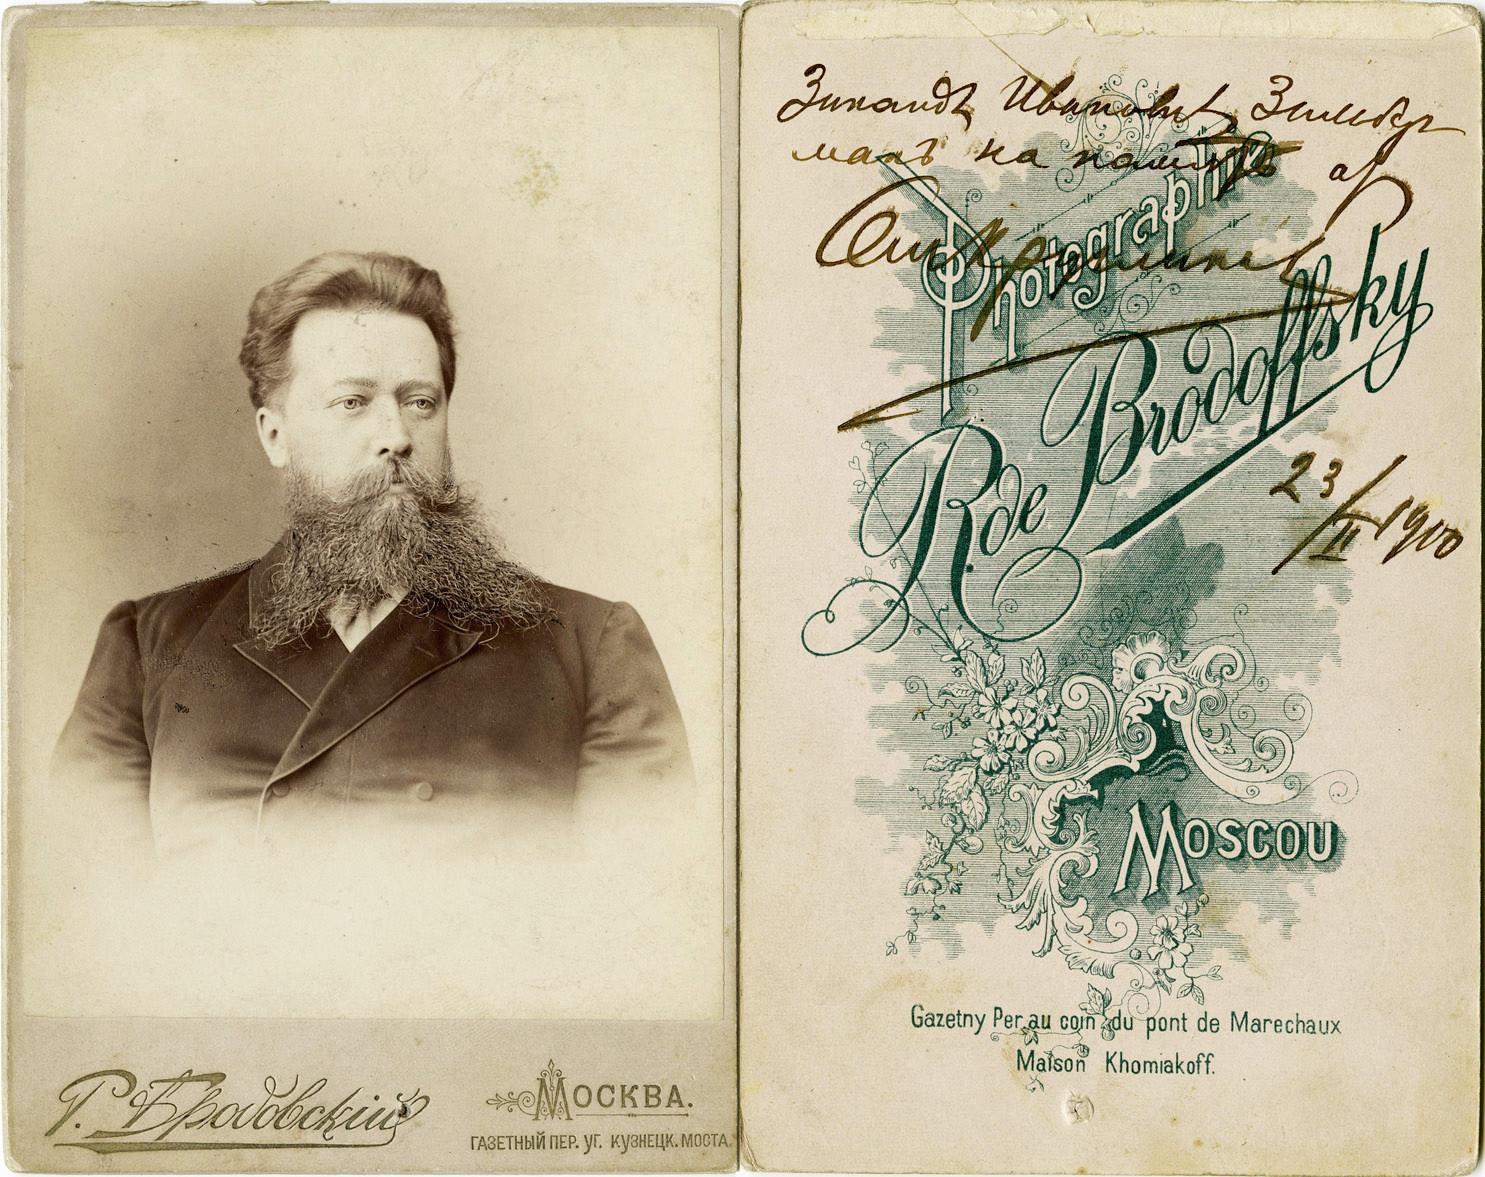 KRUGLIKOV, S. N. (Кругликов С.Н.)